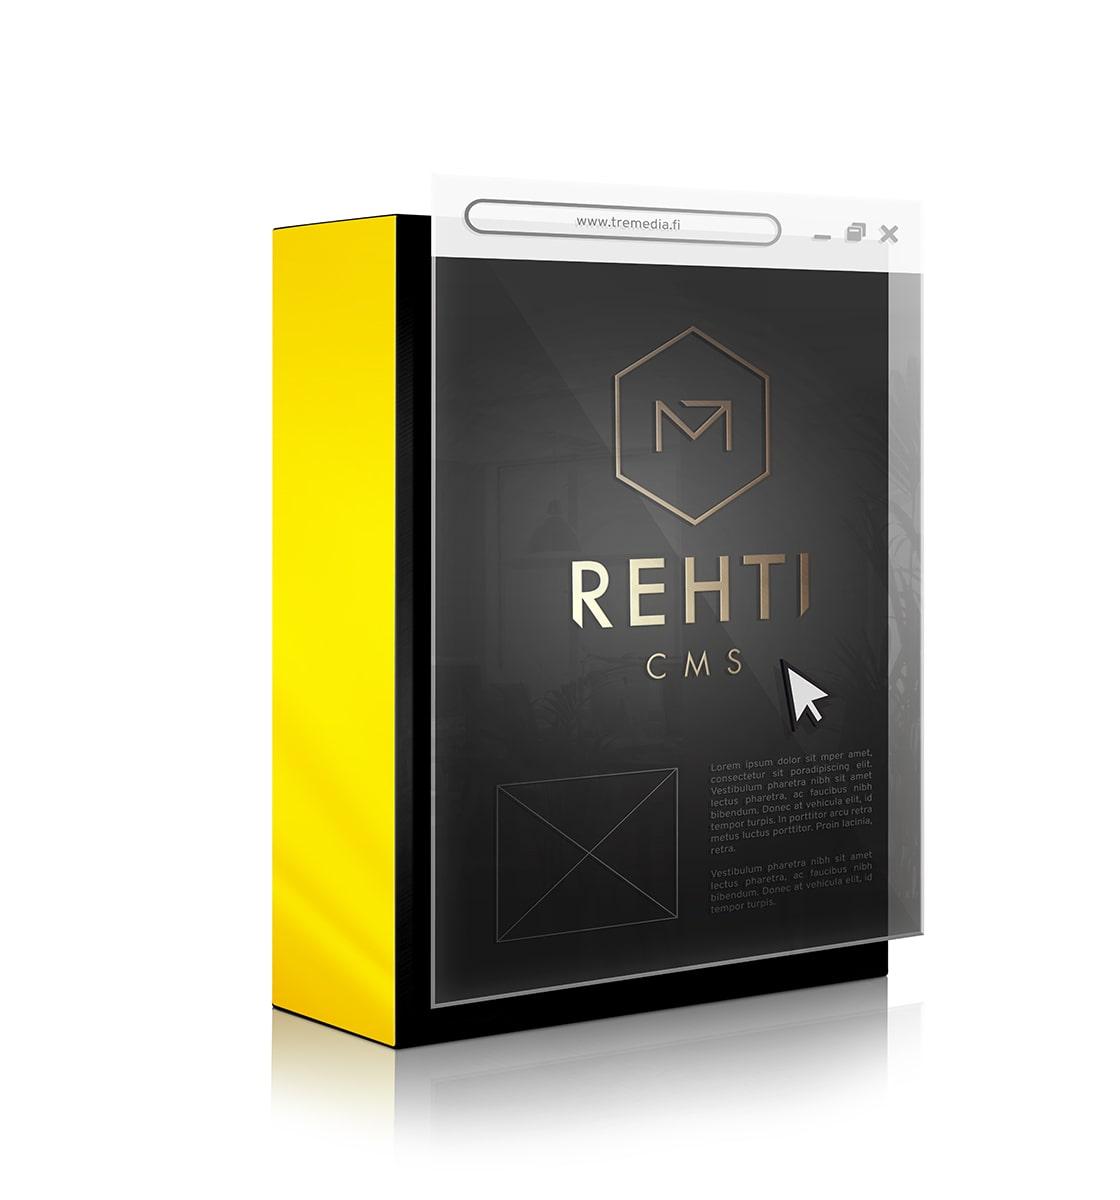 Rehti-CMS